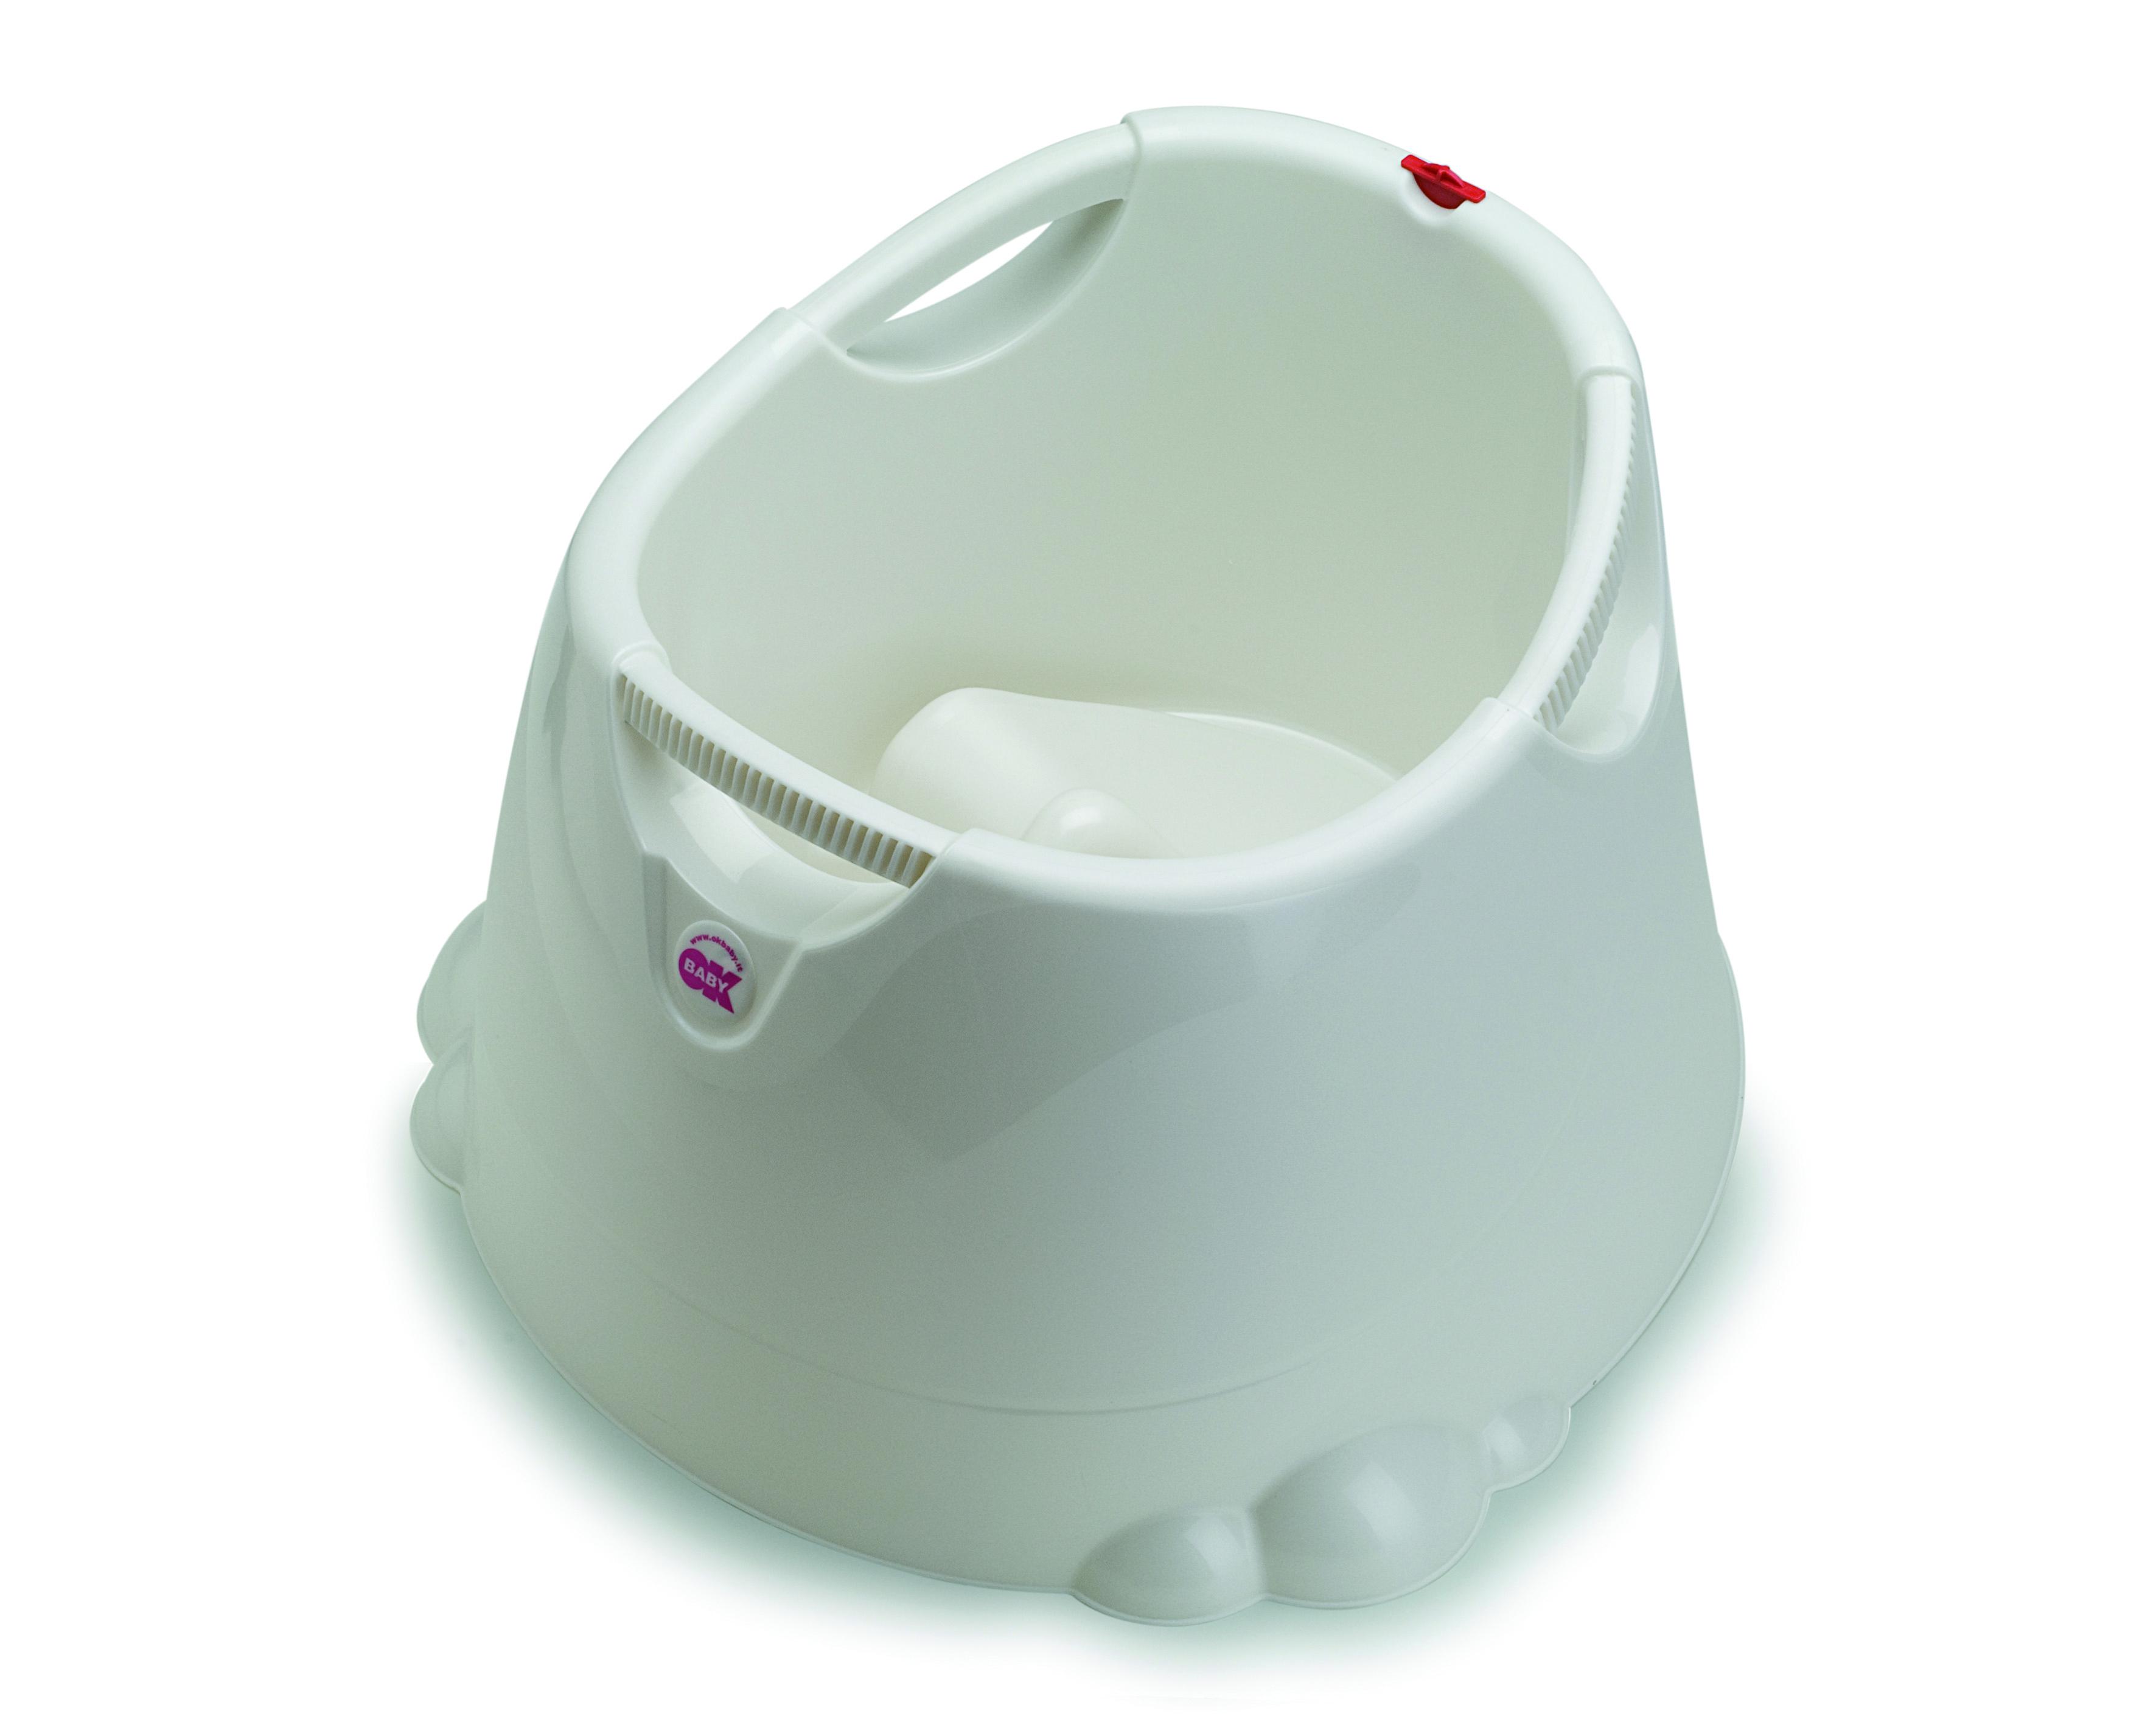 Vaschetta bagno bimbo ~ avienix.com for .